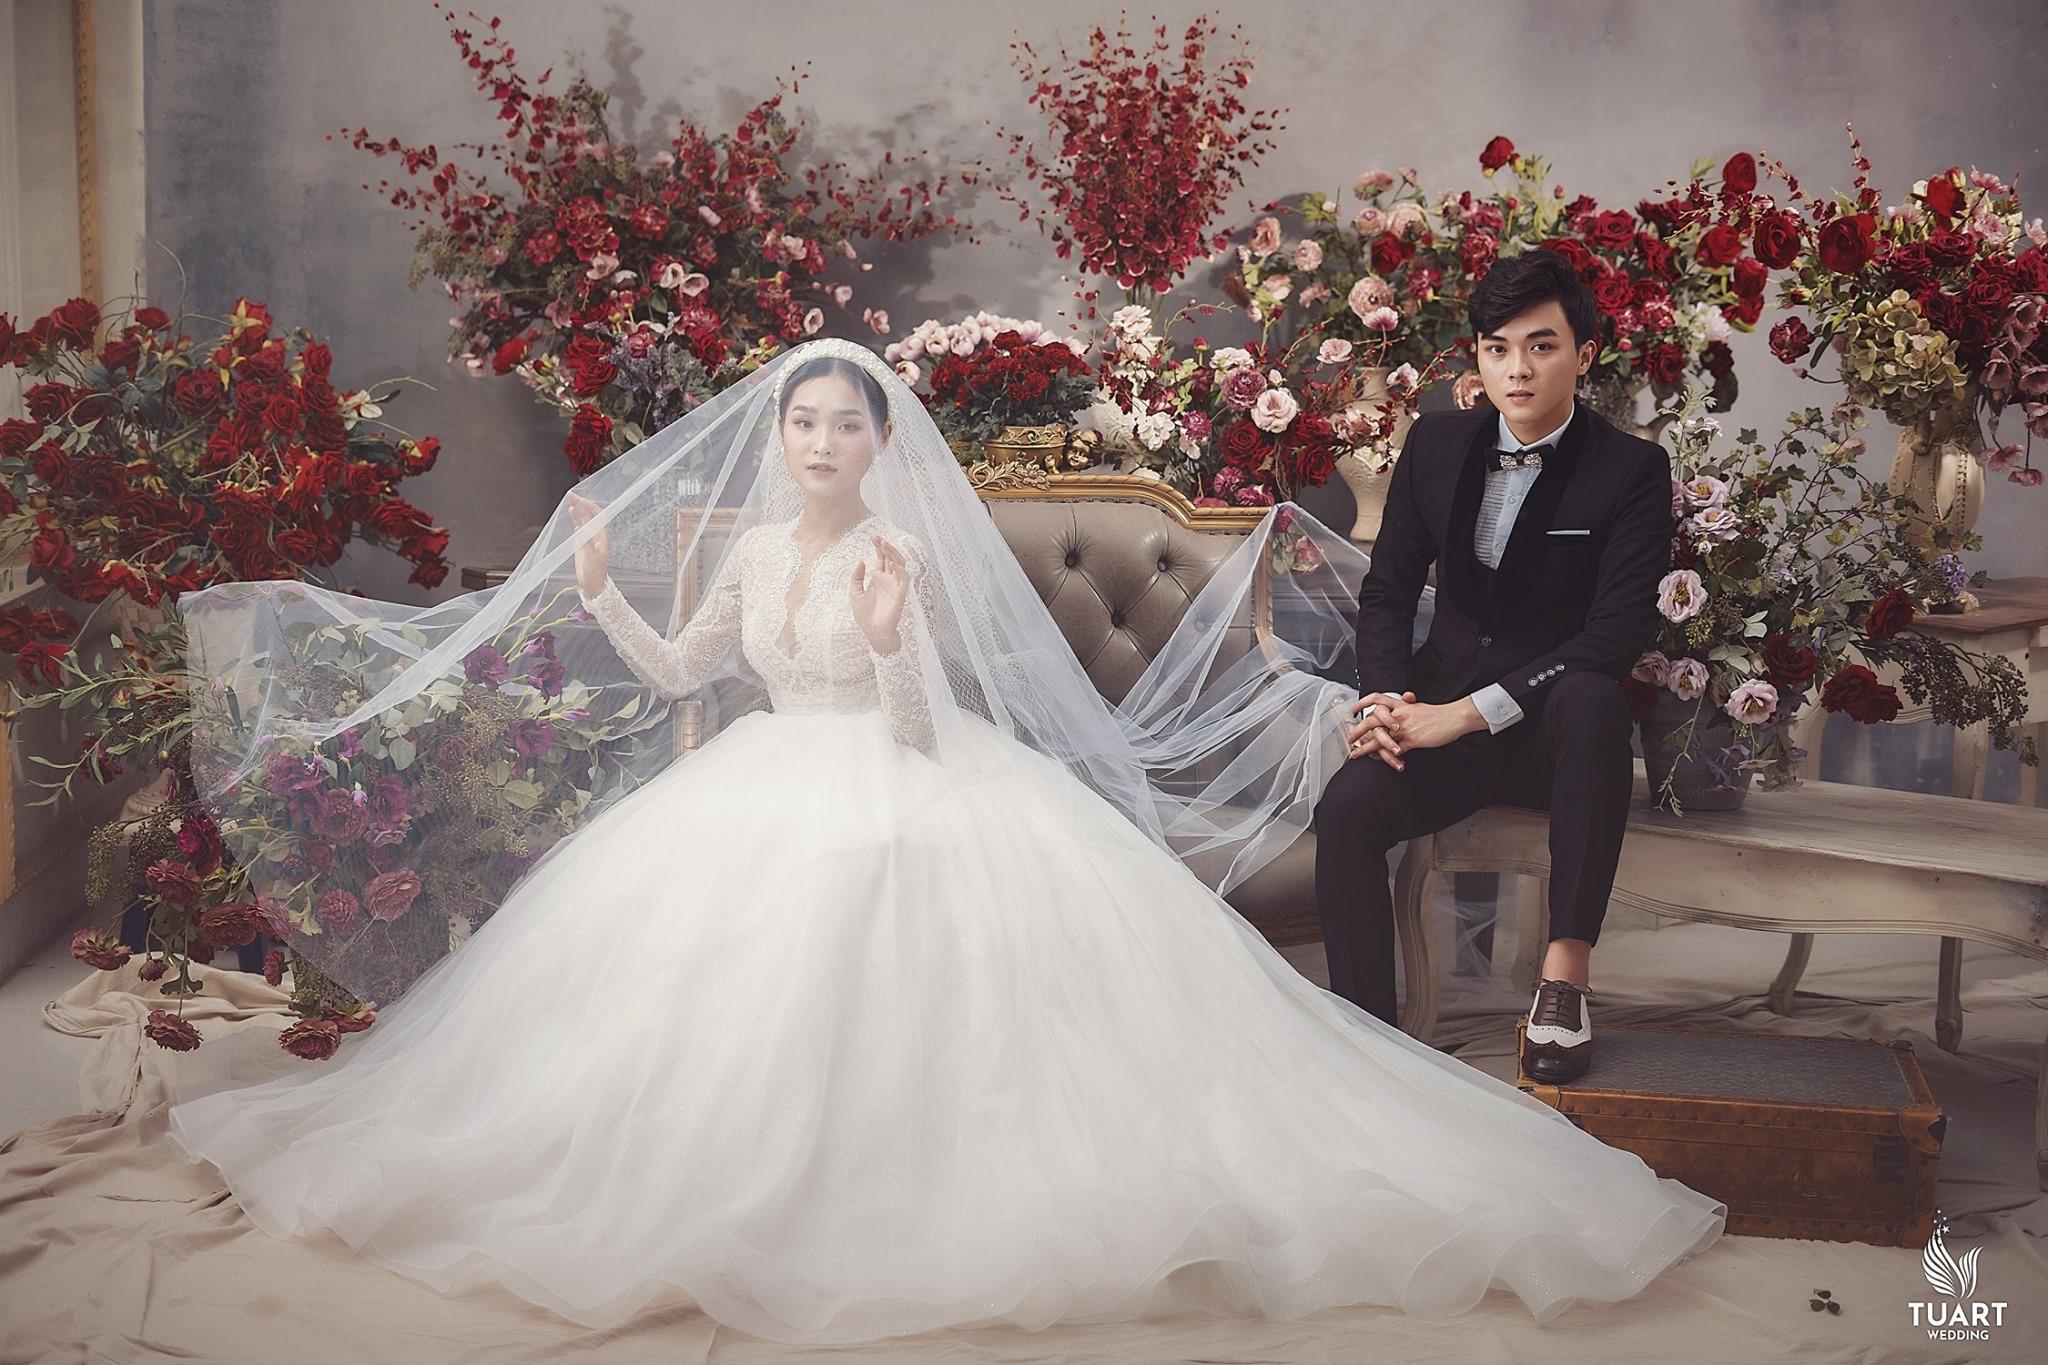 ALBUM PRE-WEDDING PHONG CÁCH HÀN QUỐC TẠI SANTORINI